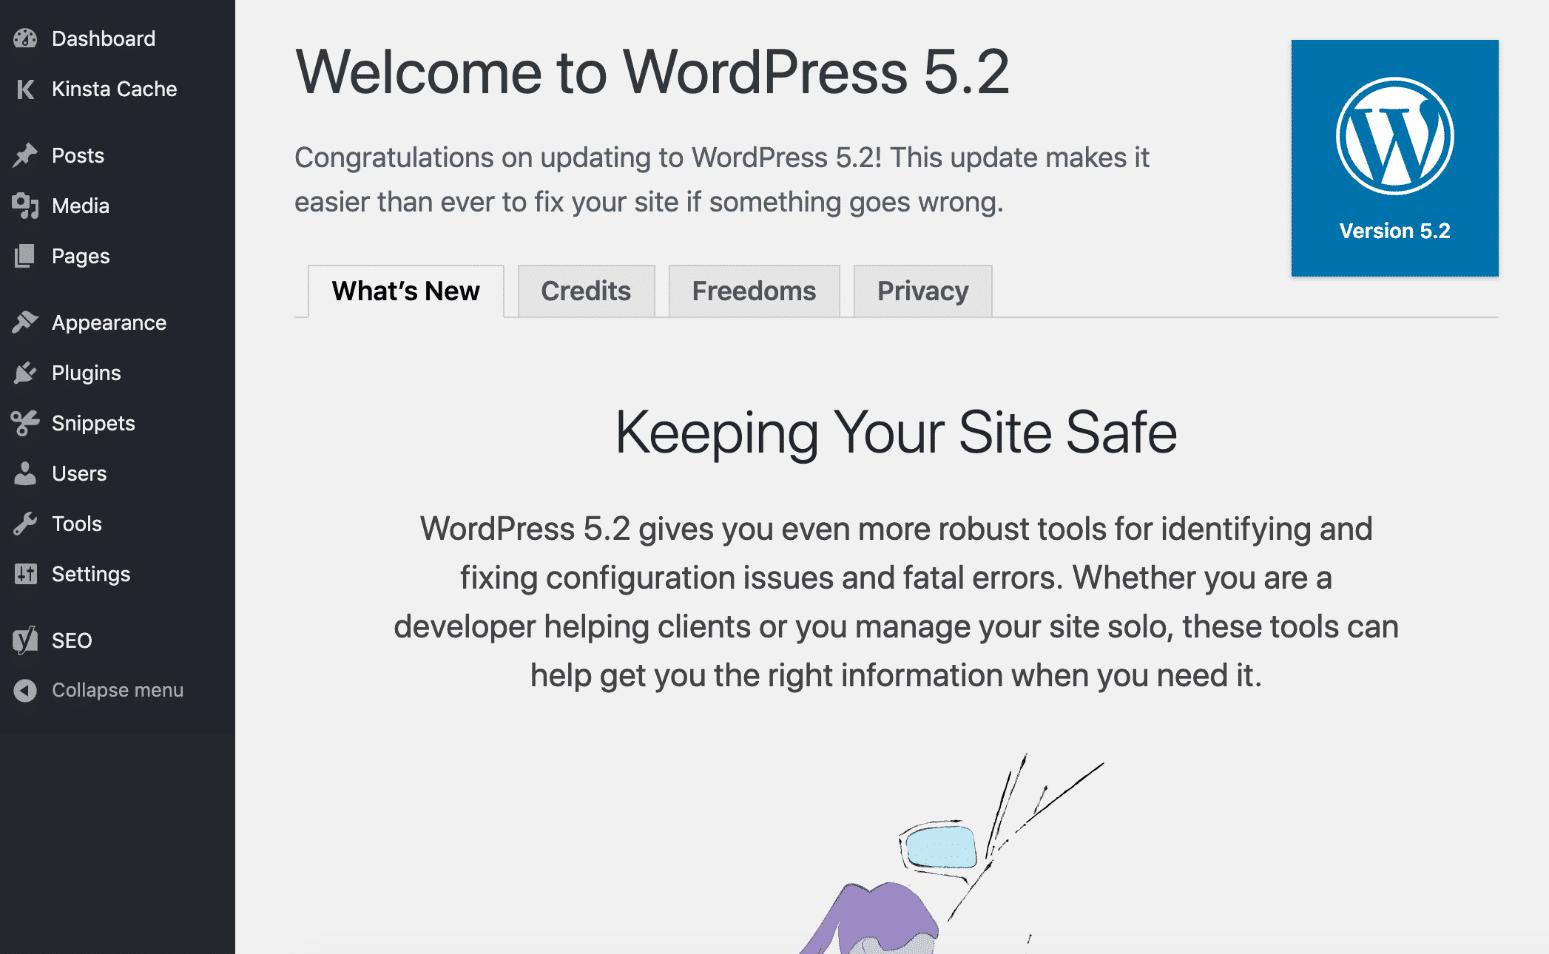 Tela de boas-vindas no WordPress 5.2